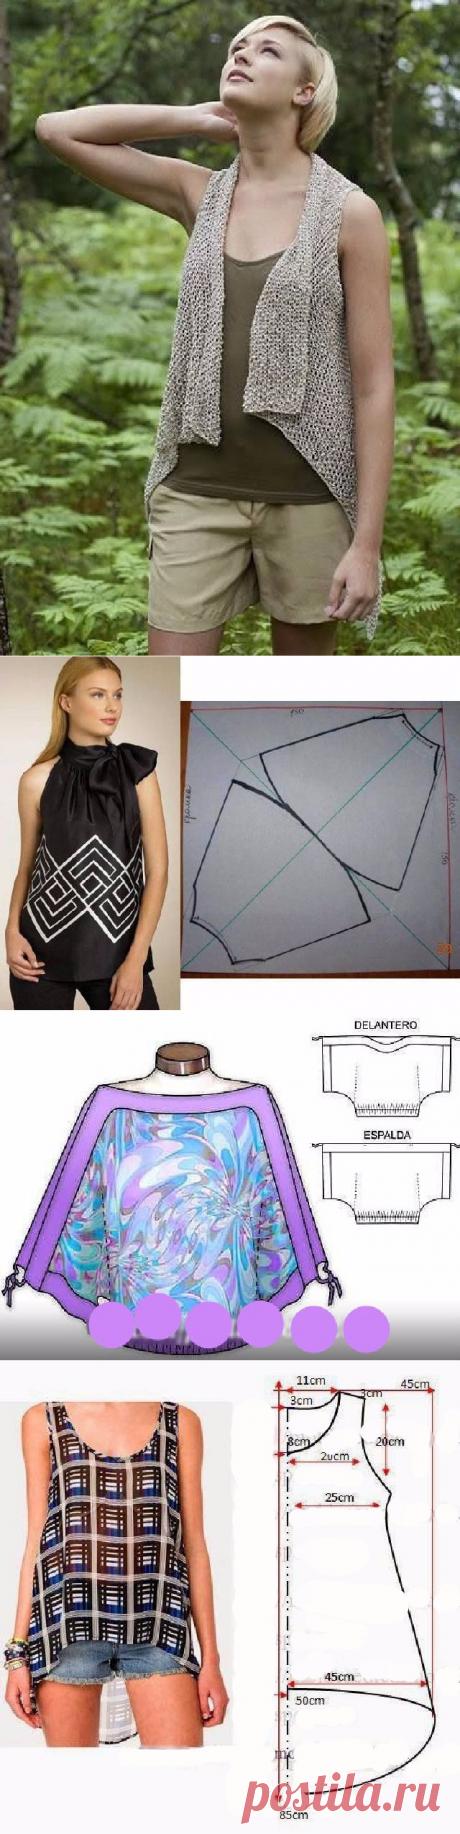 Простые идеи для шитья, или как легко украсить себя летом